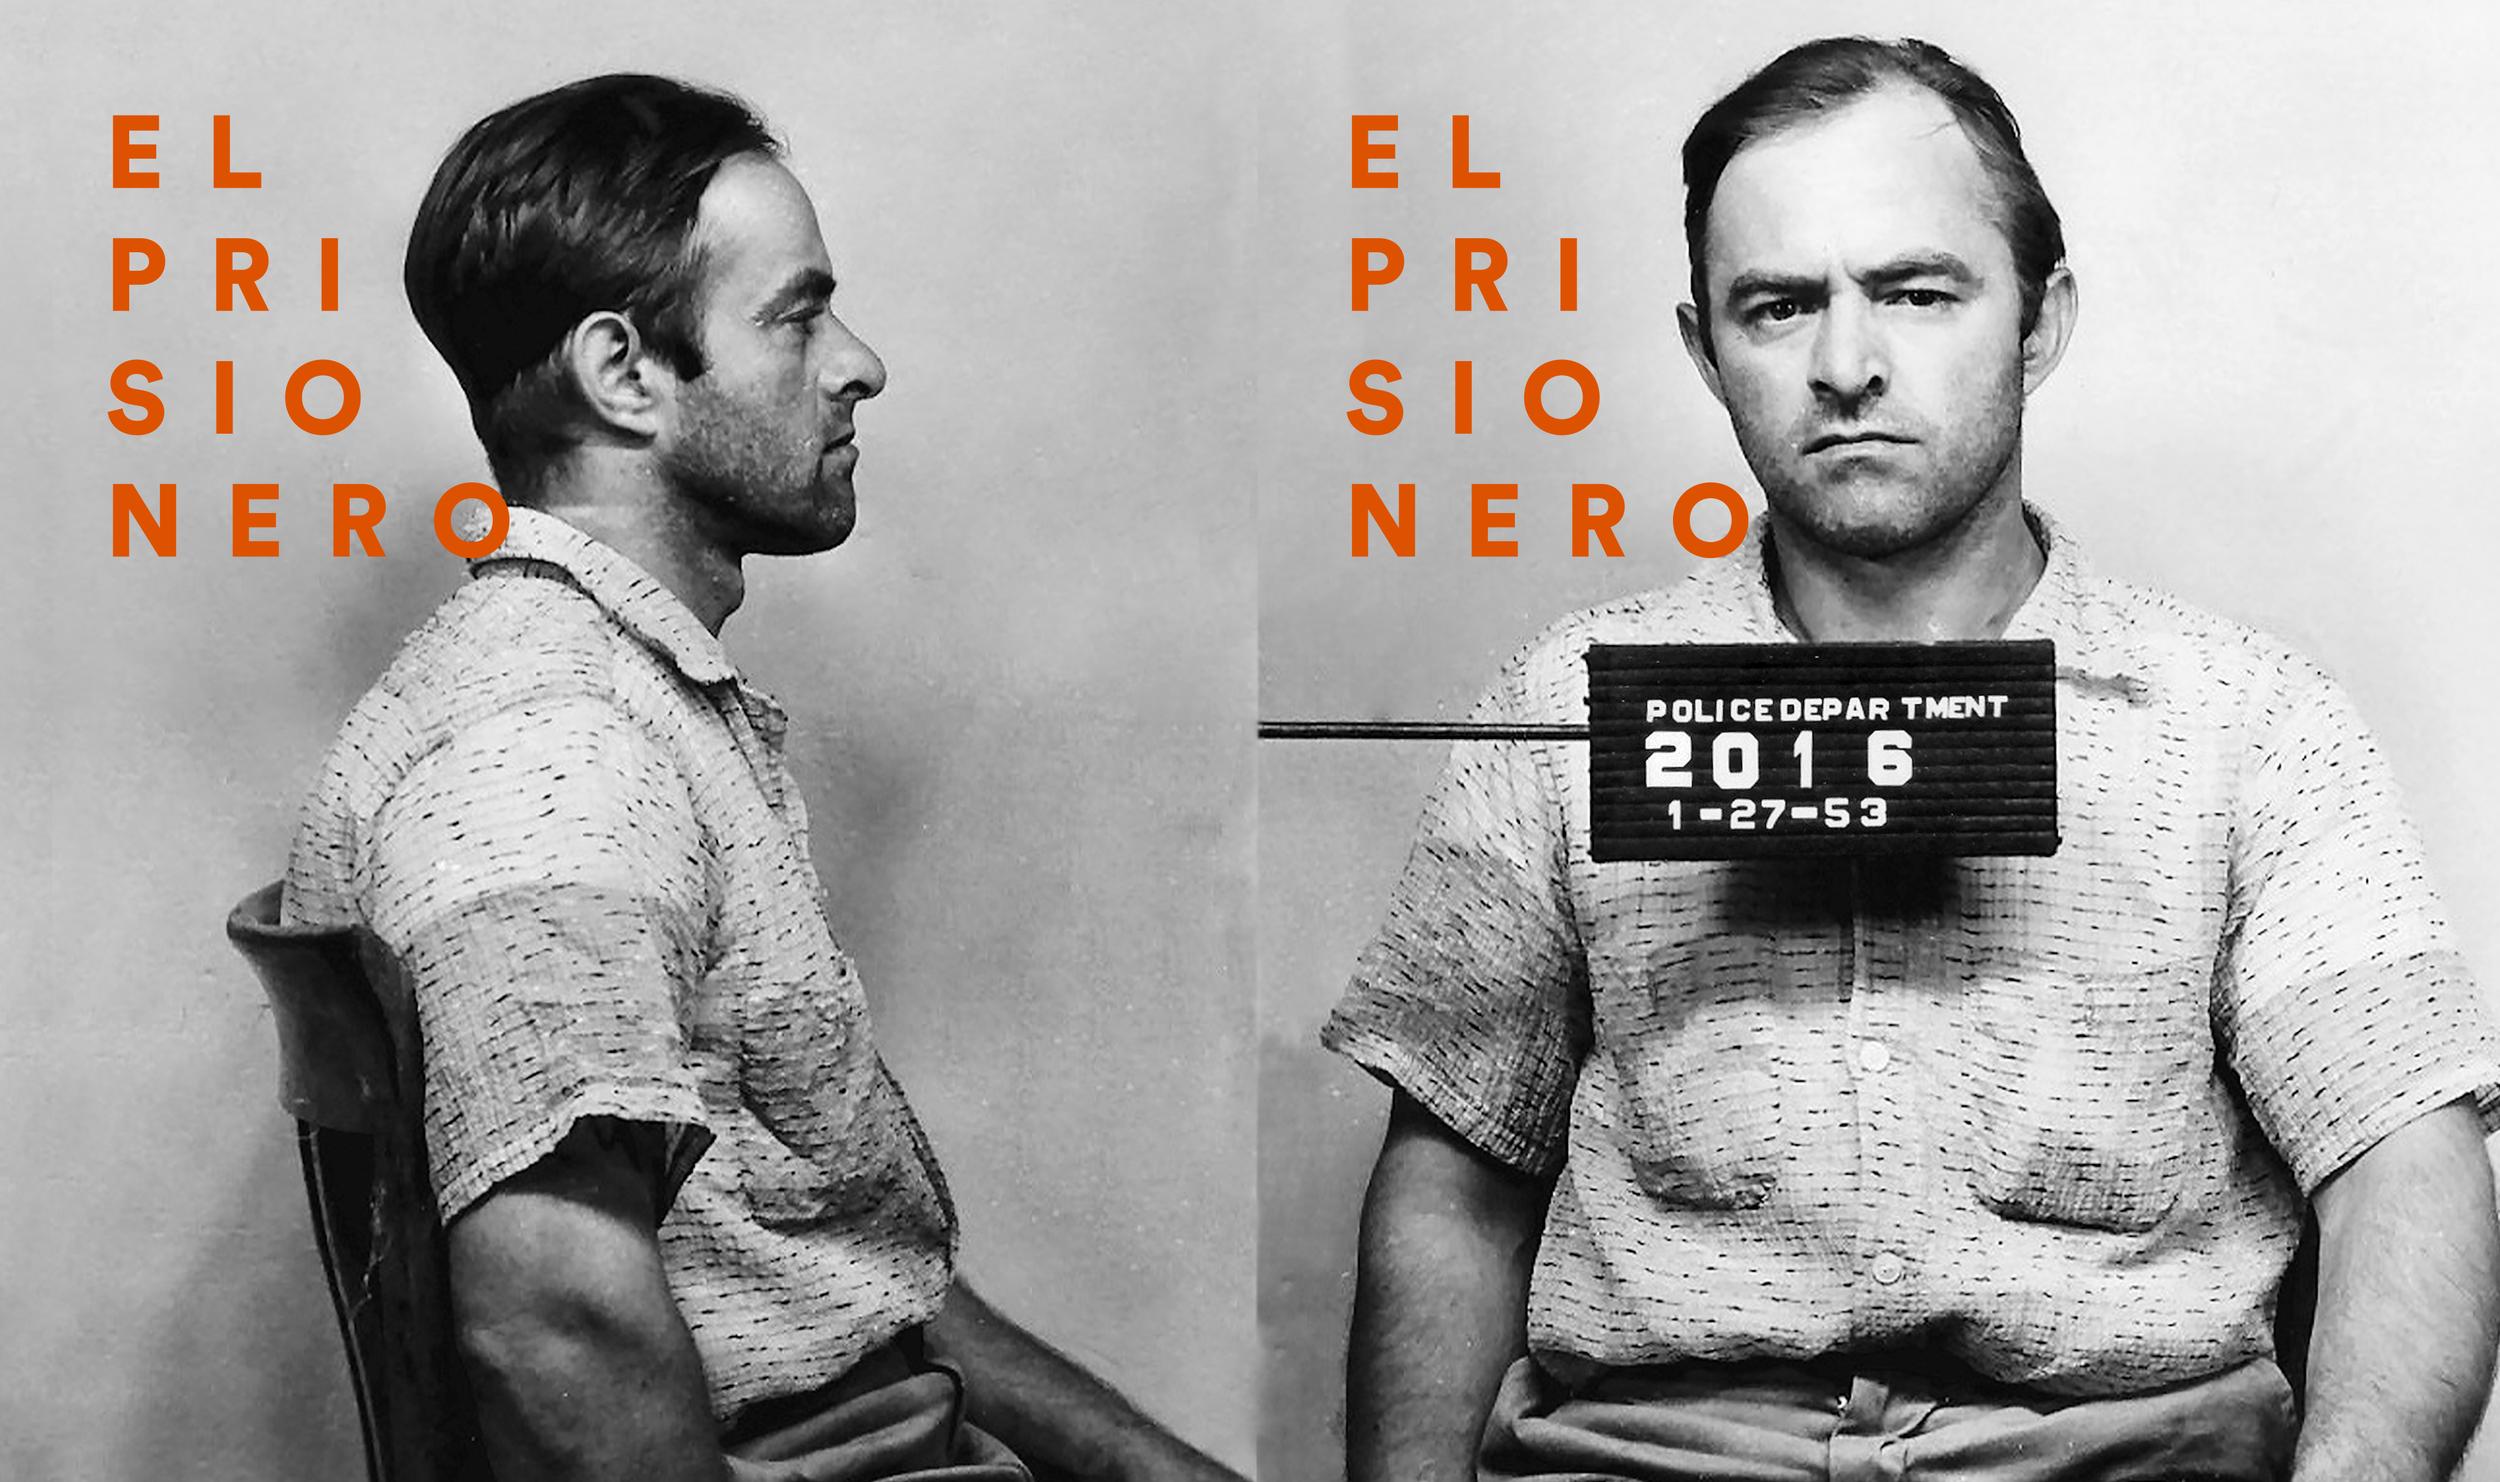 ELPRISIONERO2013 etiq.png